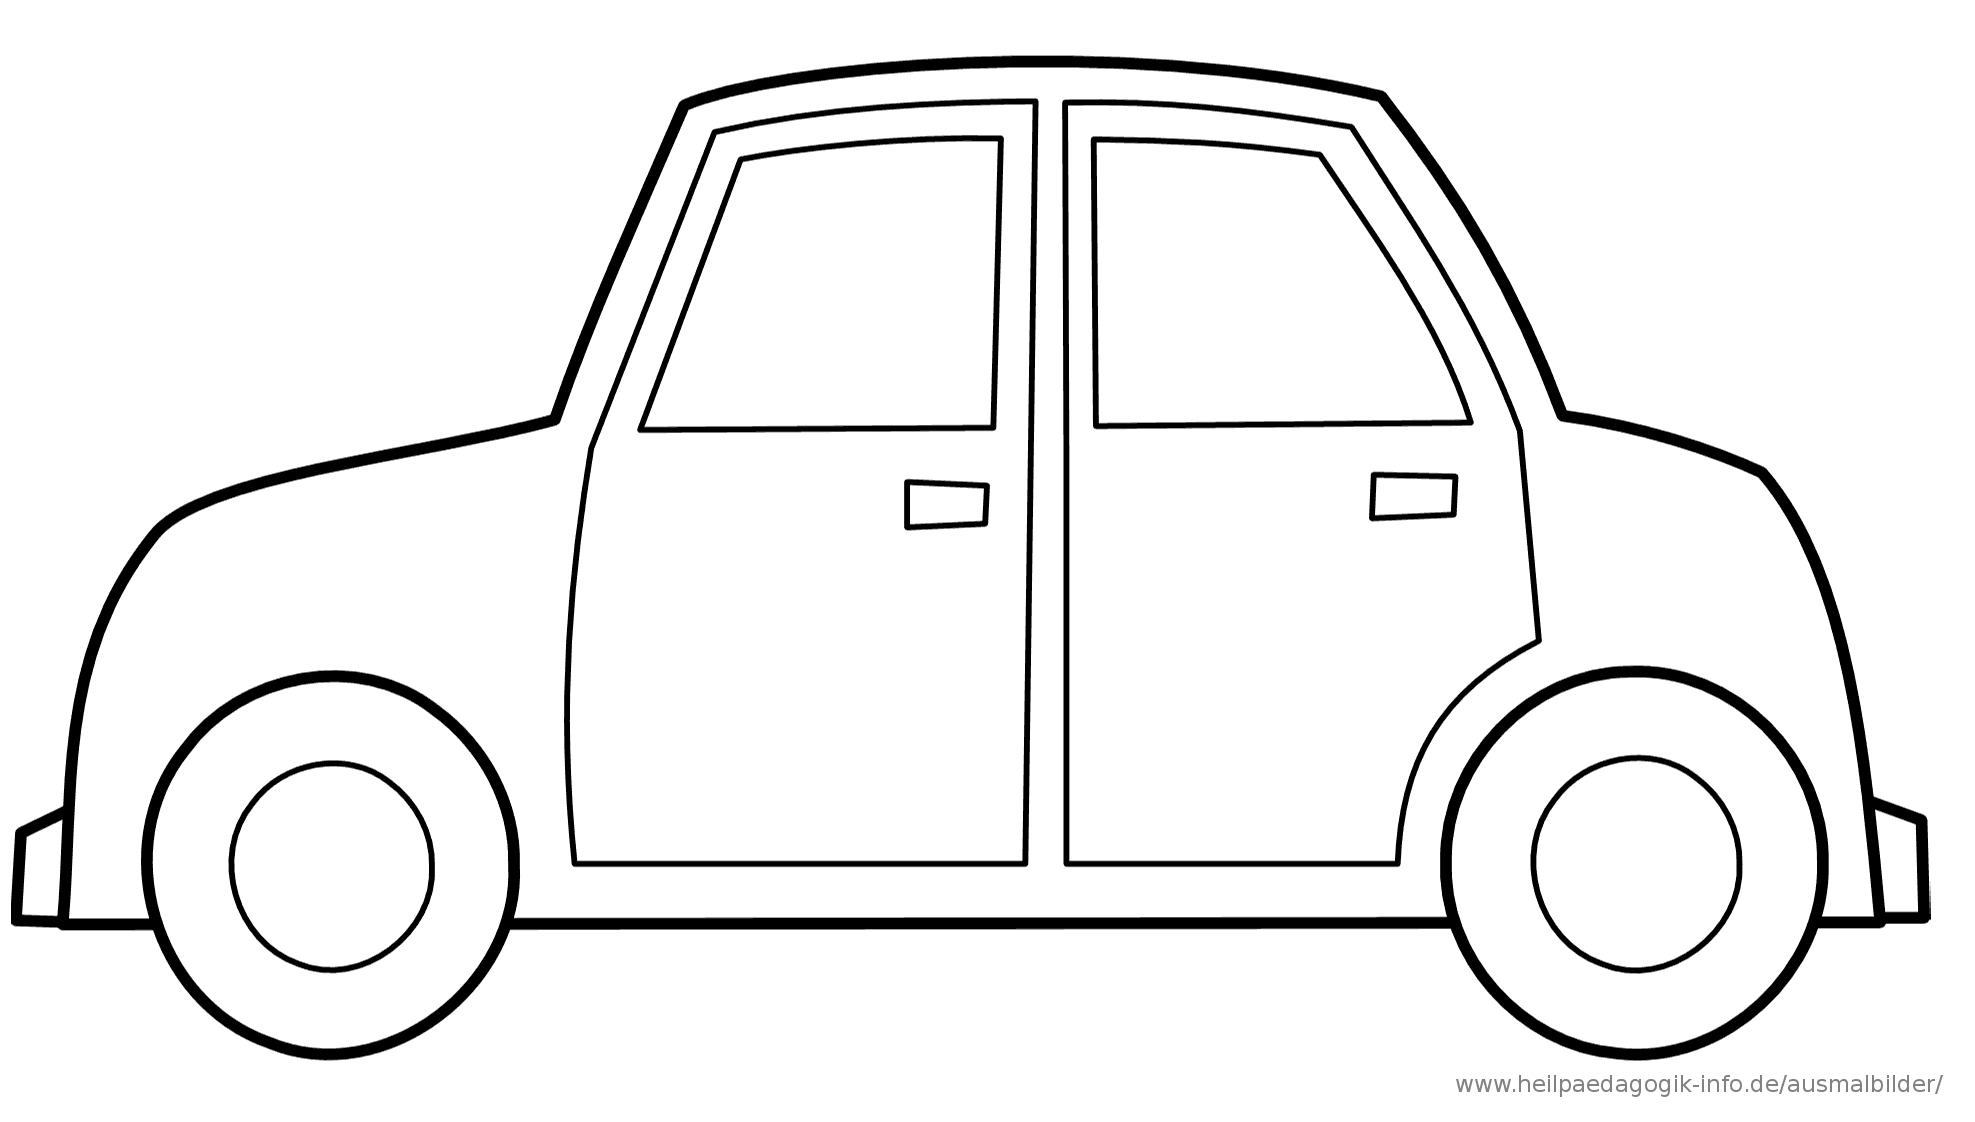 Malvorlage Auto Einfach | Malvorlage Auto, Ausmalbilder in Ausmalbilder Auto Kostenlos